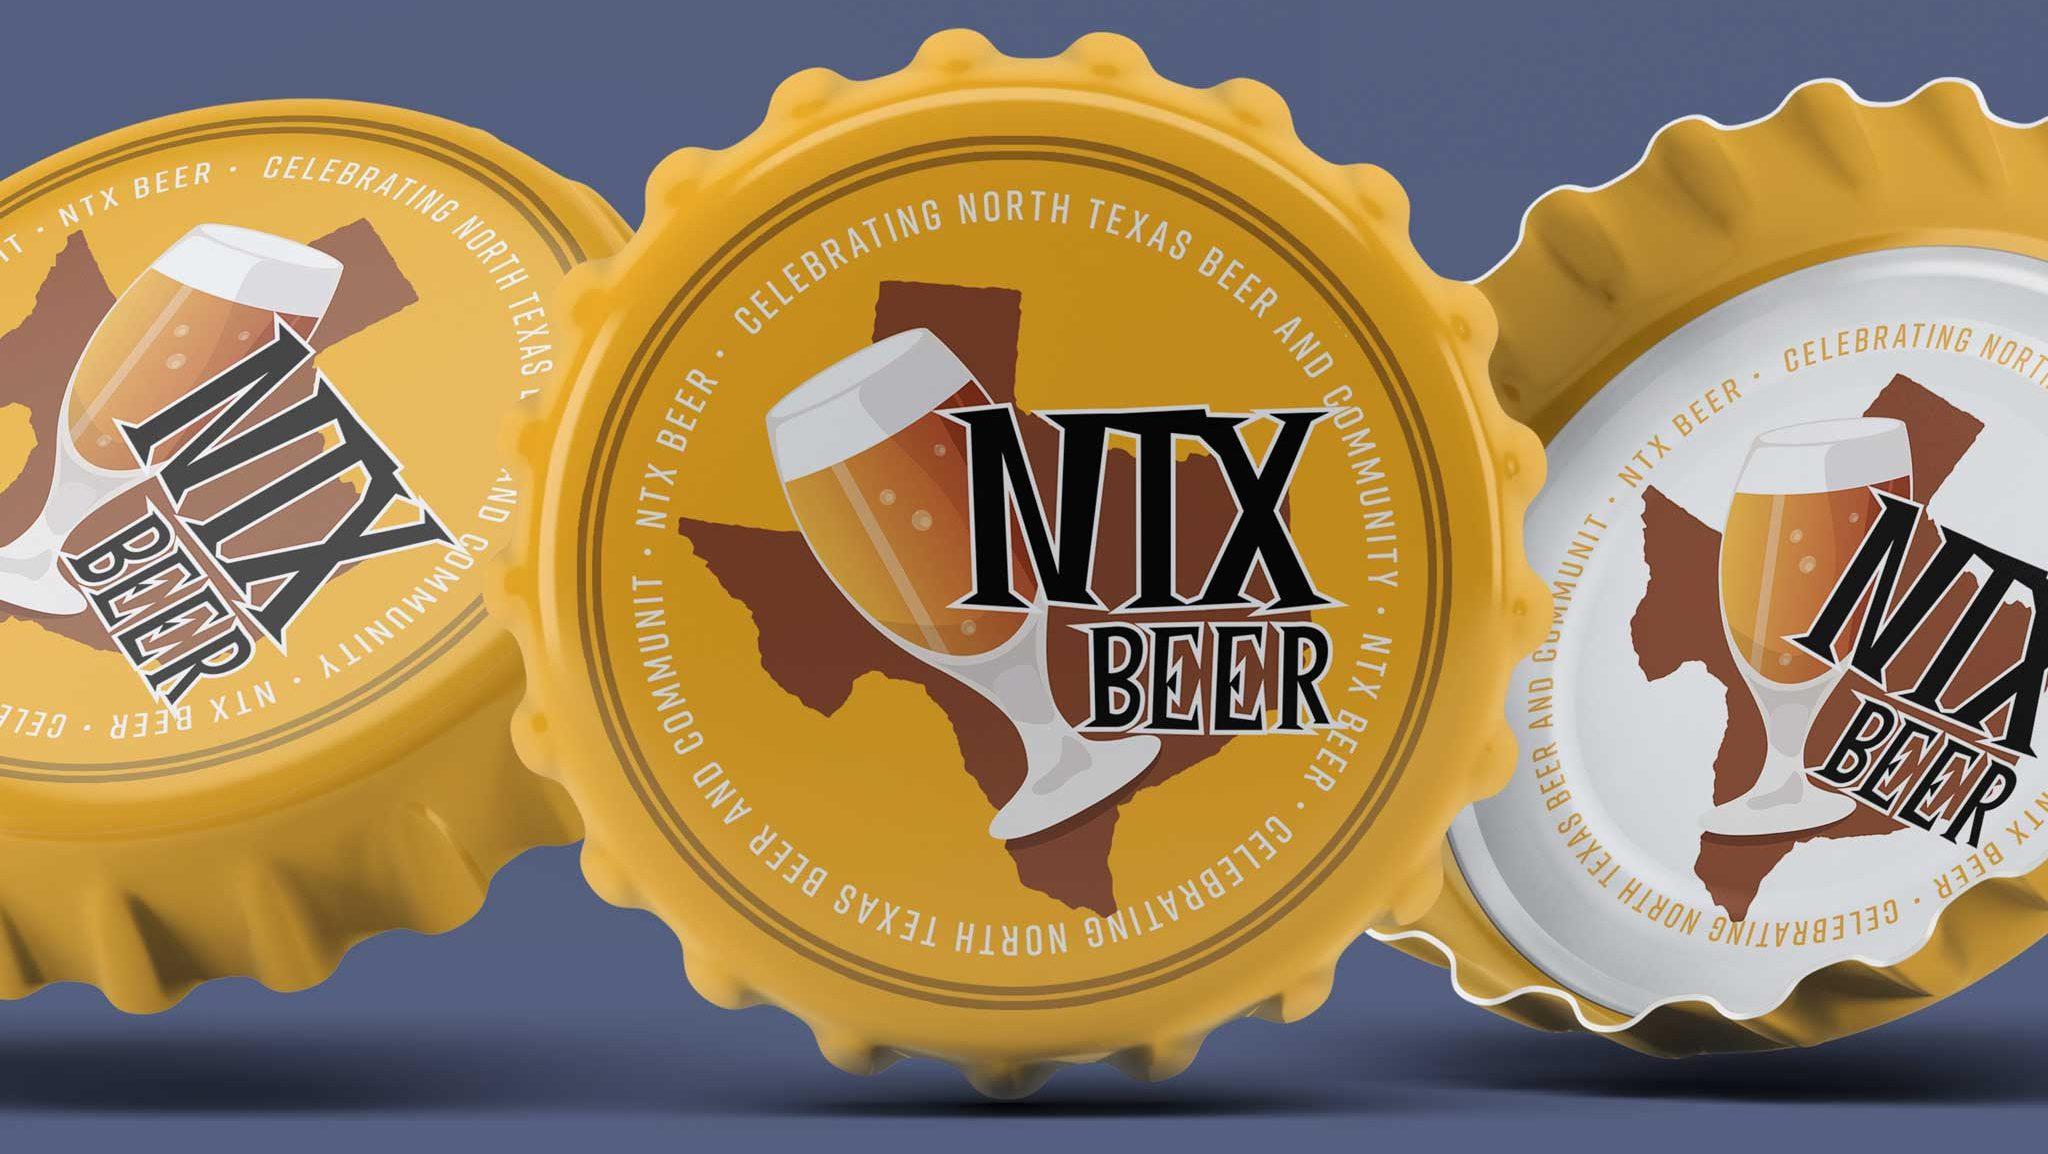 NTX Beer